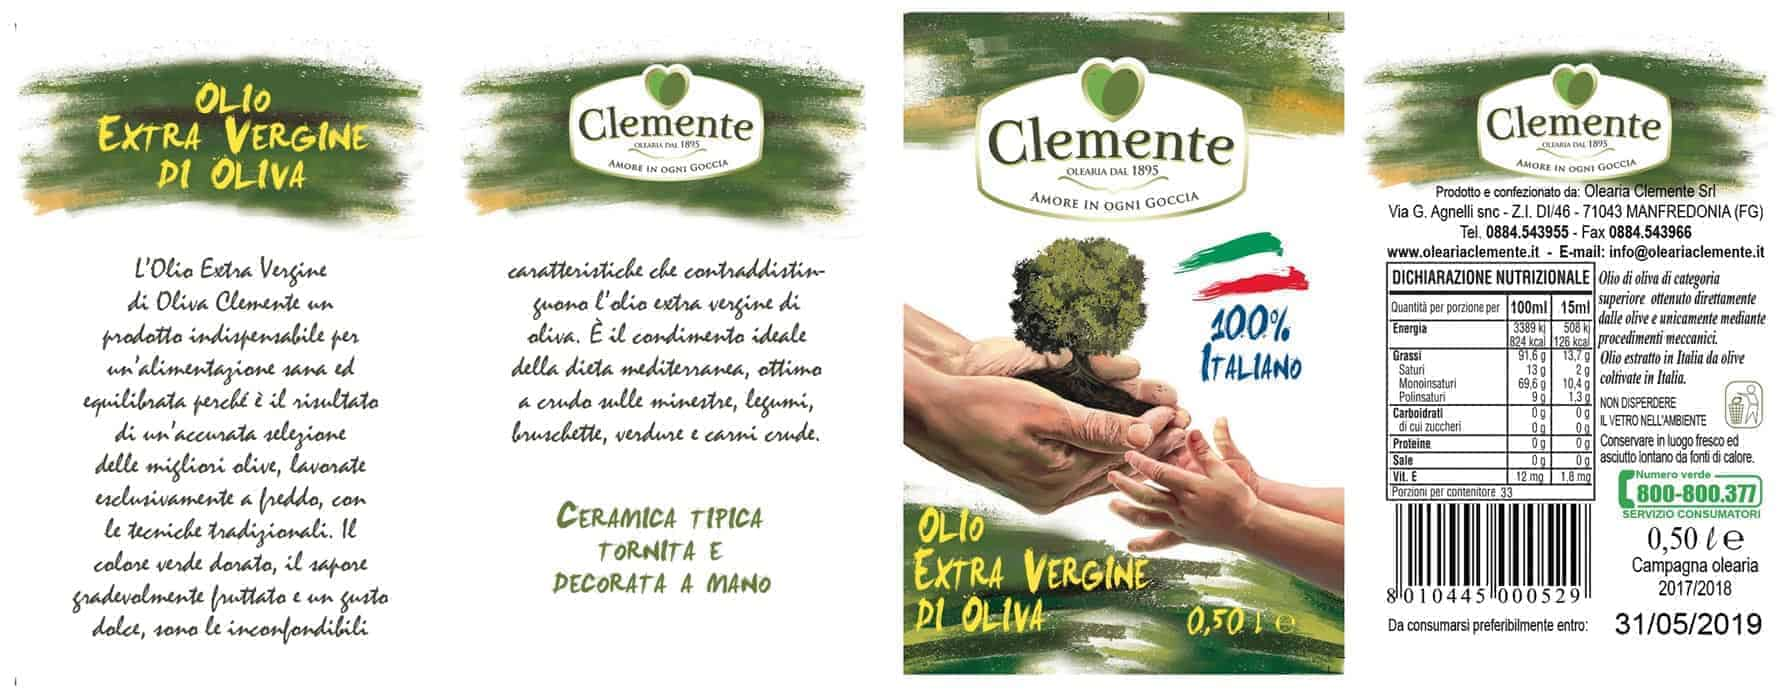 Orciolino a 2 Manici Giallo Le Zagare 100% Italiano 500ml - Etichetta